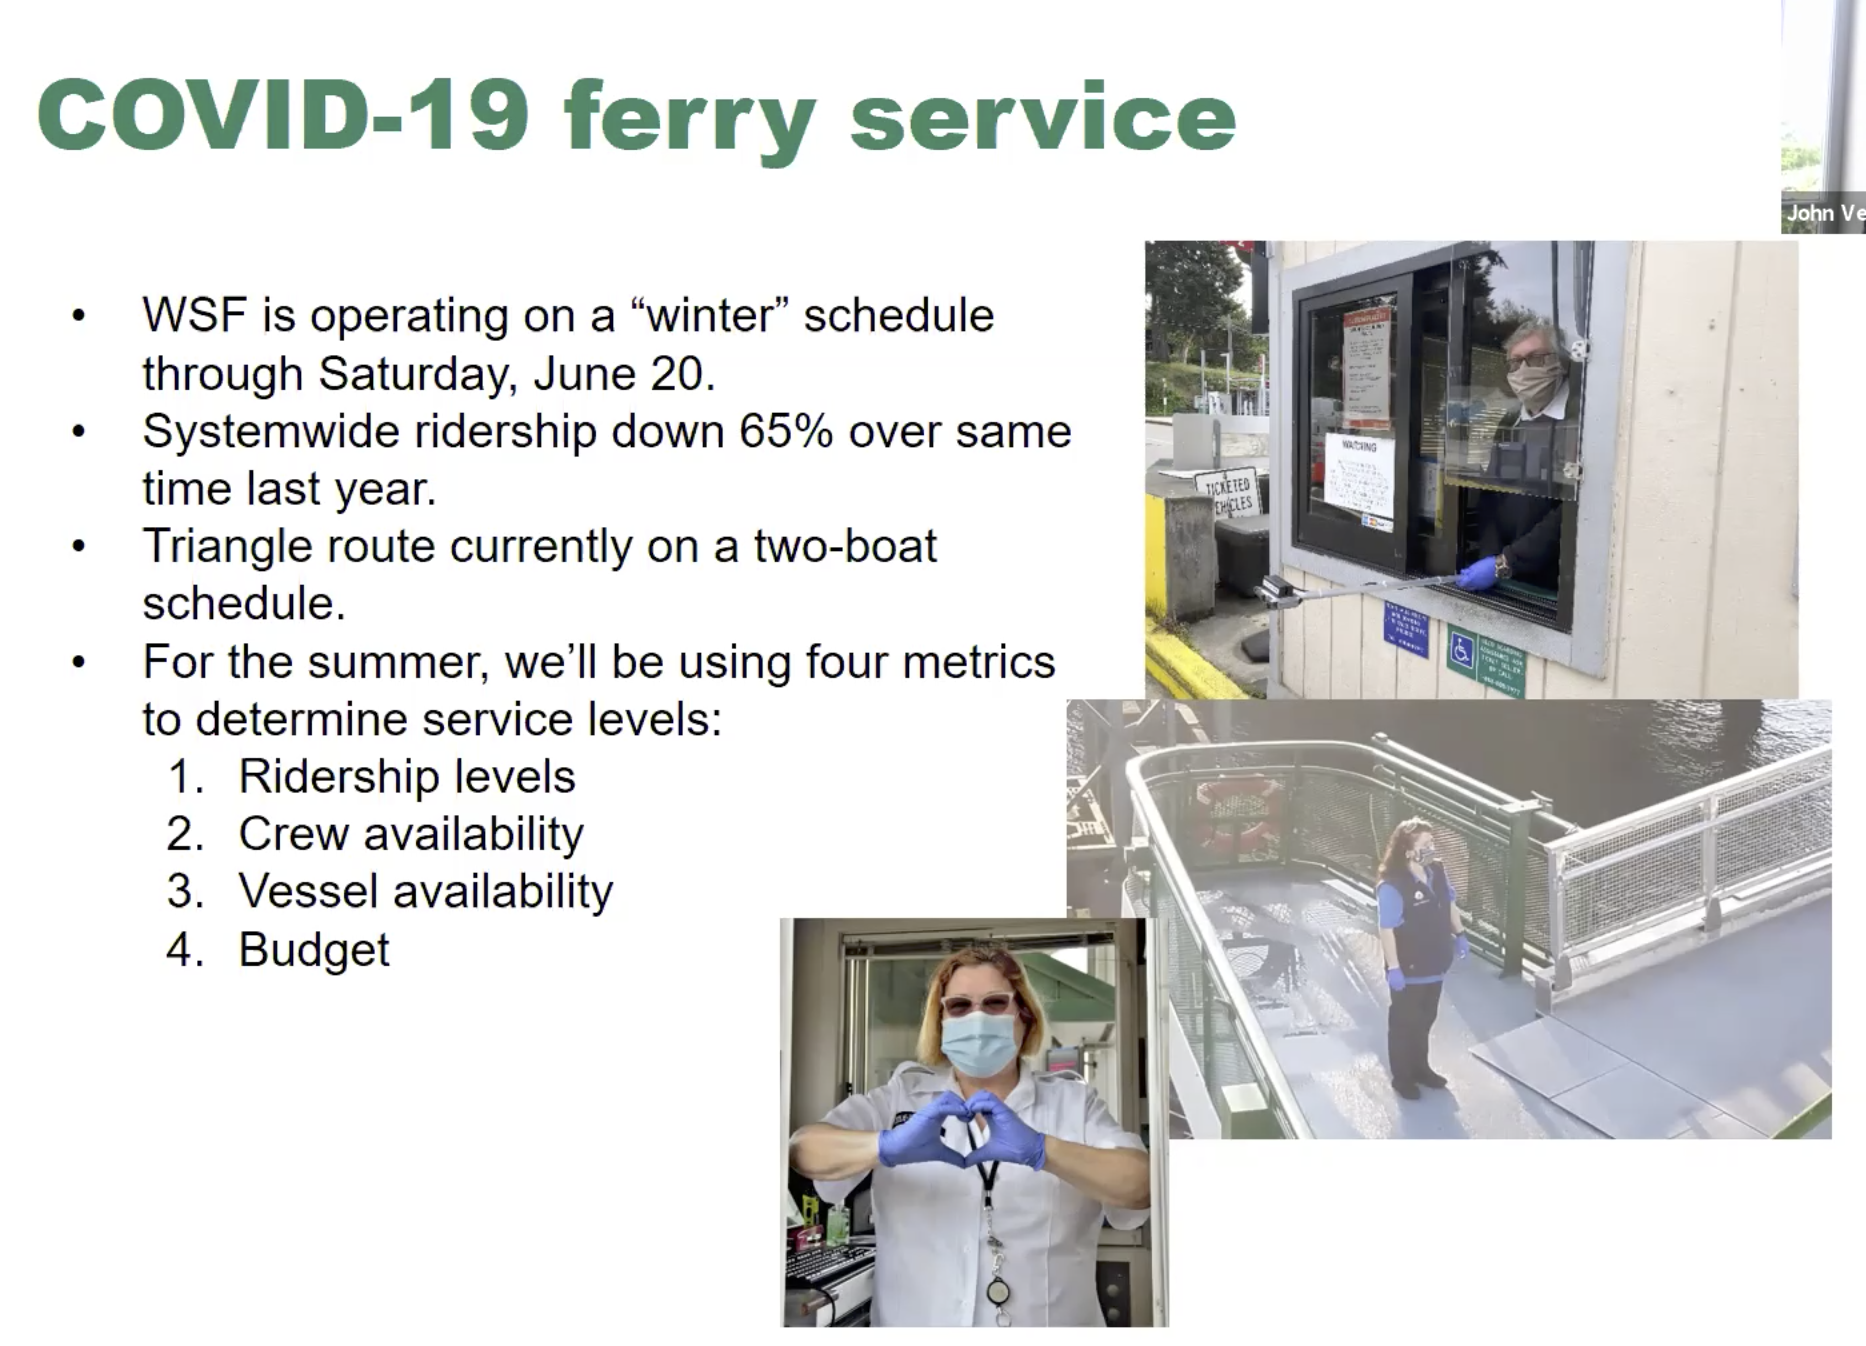 Covid 19 service